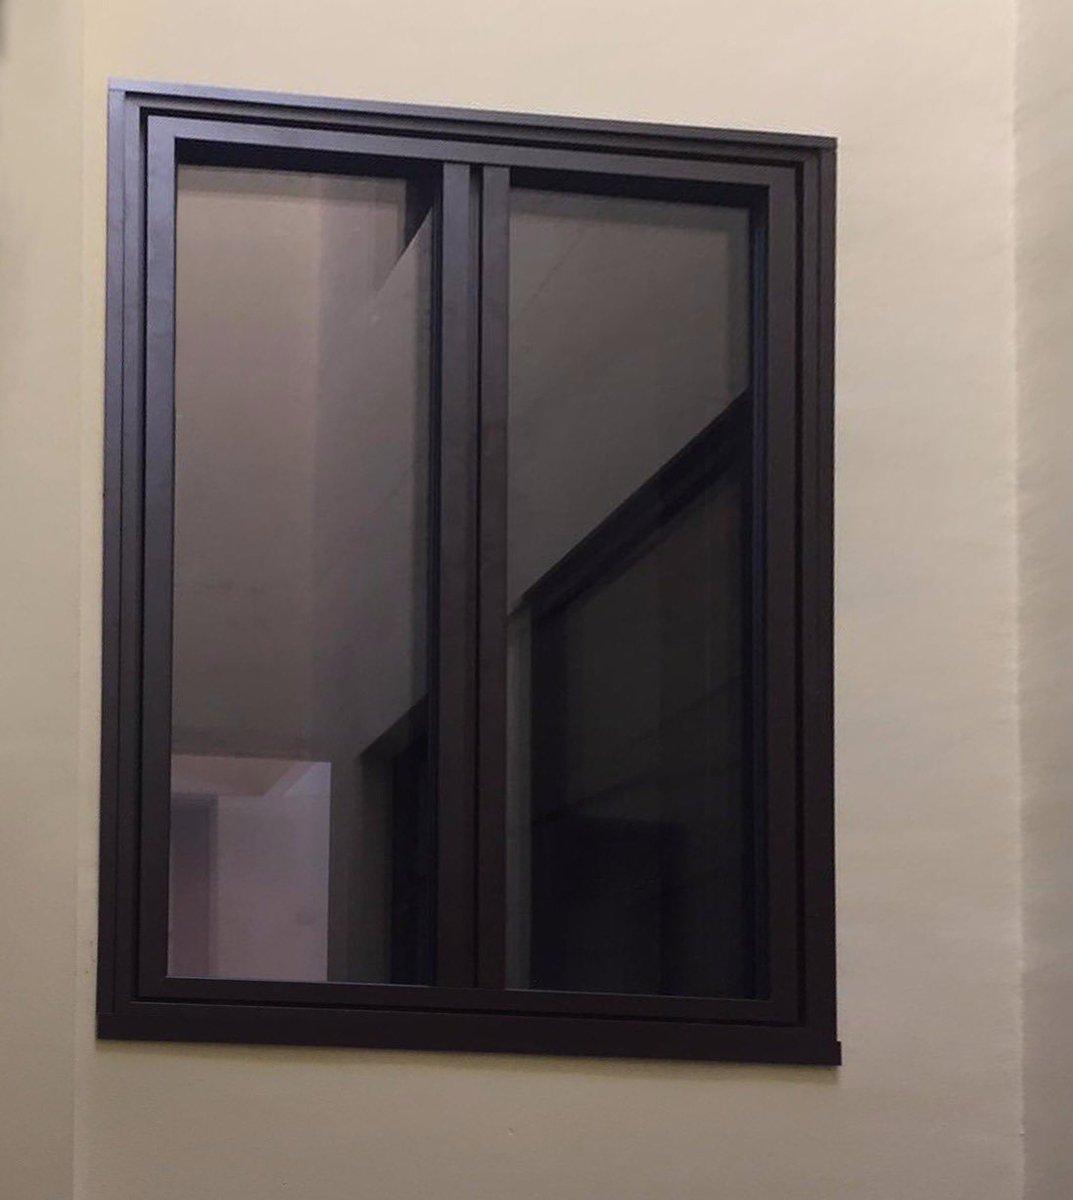 ¿Es un cuadro o una ventana? Las ventanas K.LINE se mimetizan con el ambiente, gracias a sus líneas depuradas y minimalistas. Una excelente alternativa para los arquitectos, decoradores e interioristas que buscan soluciones de diseño para sus obras #ventanas #ventanasaluminio https://t.co/IPSt3daRb5